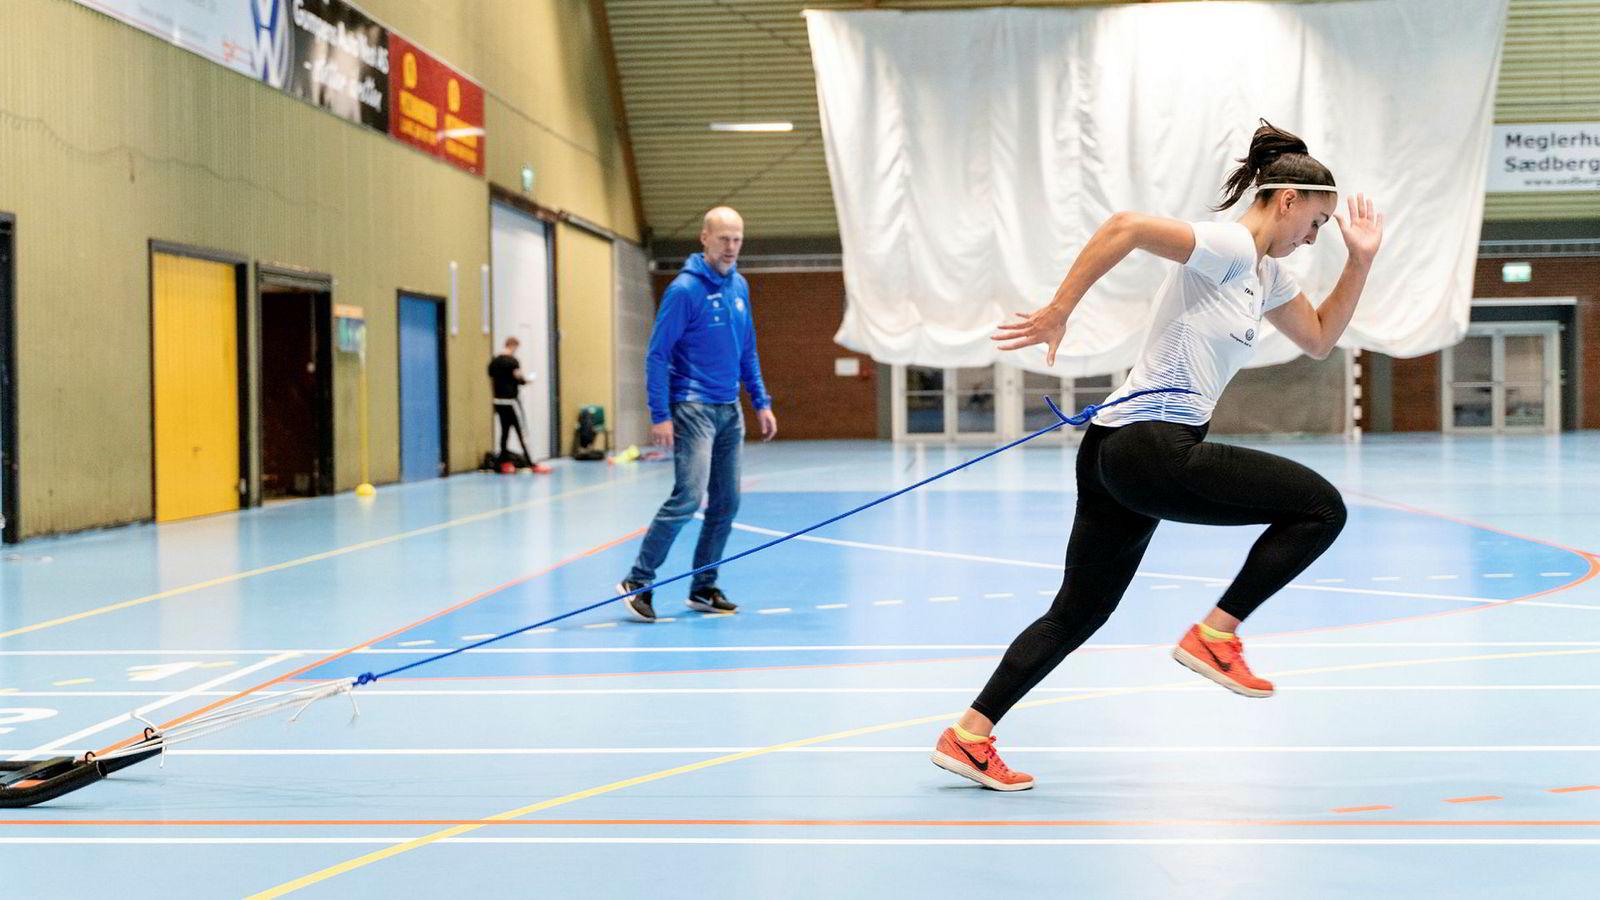 Sprinter Emma Hagen Dihr (19) trener med en ti kilo tung slede på slep for å forbedre teknikken. De fleste løpere kan ha godt av å legge økter med motstand inn i treningsopplegget, mener løpetrener DN har snakket med. Trener Svend Tore Breilid i bakgrunnen.